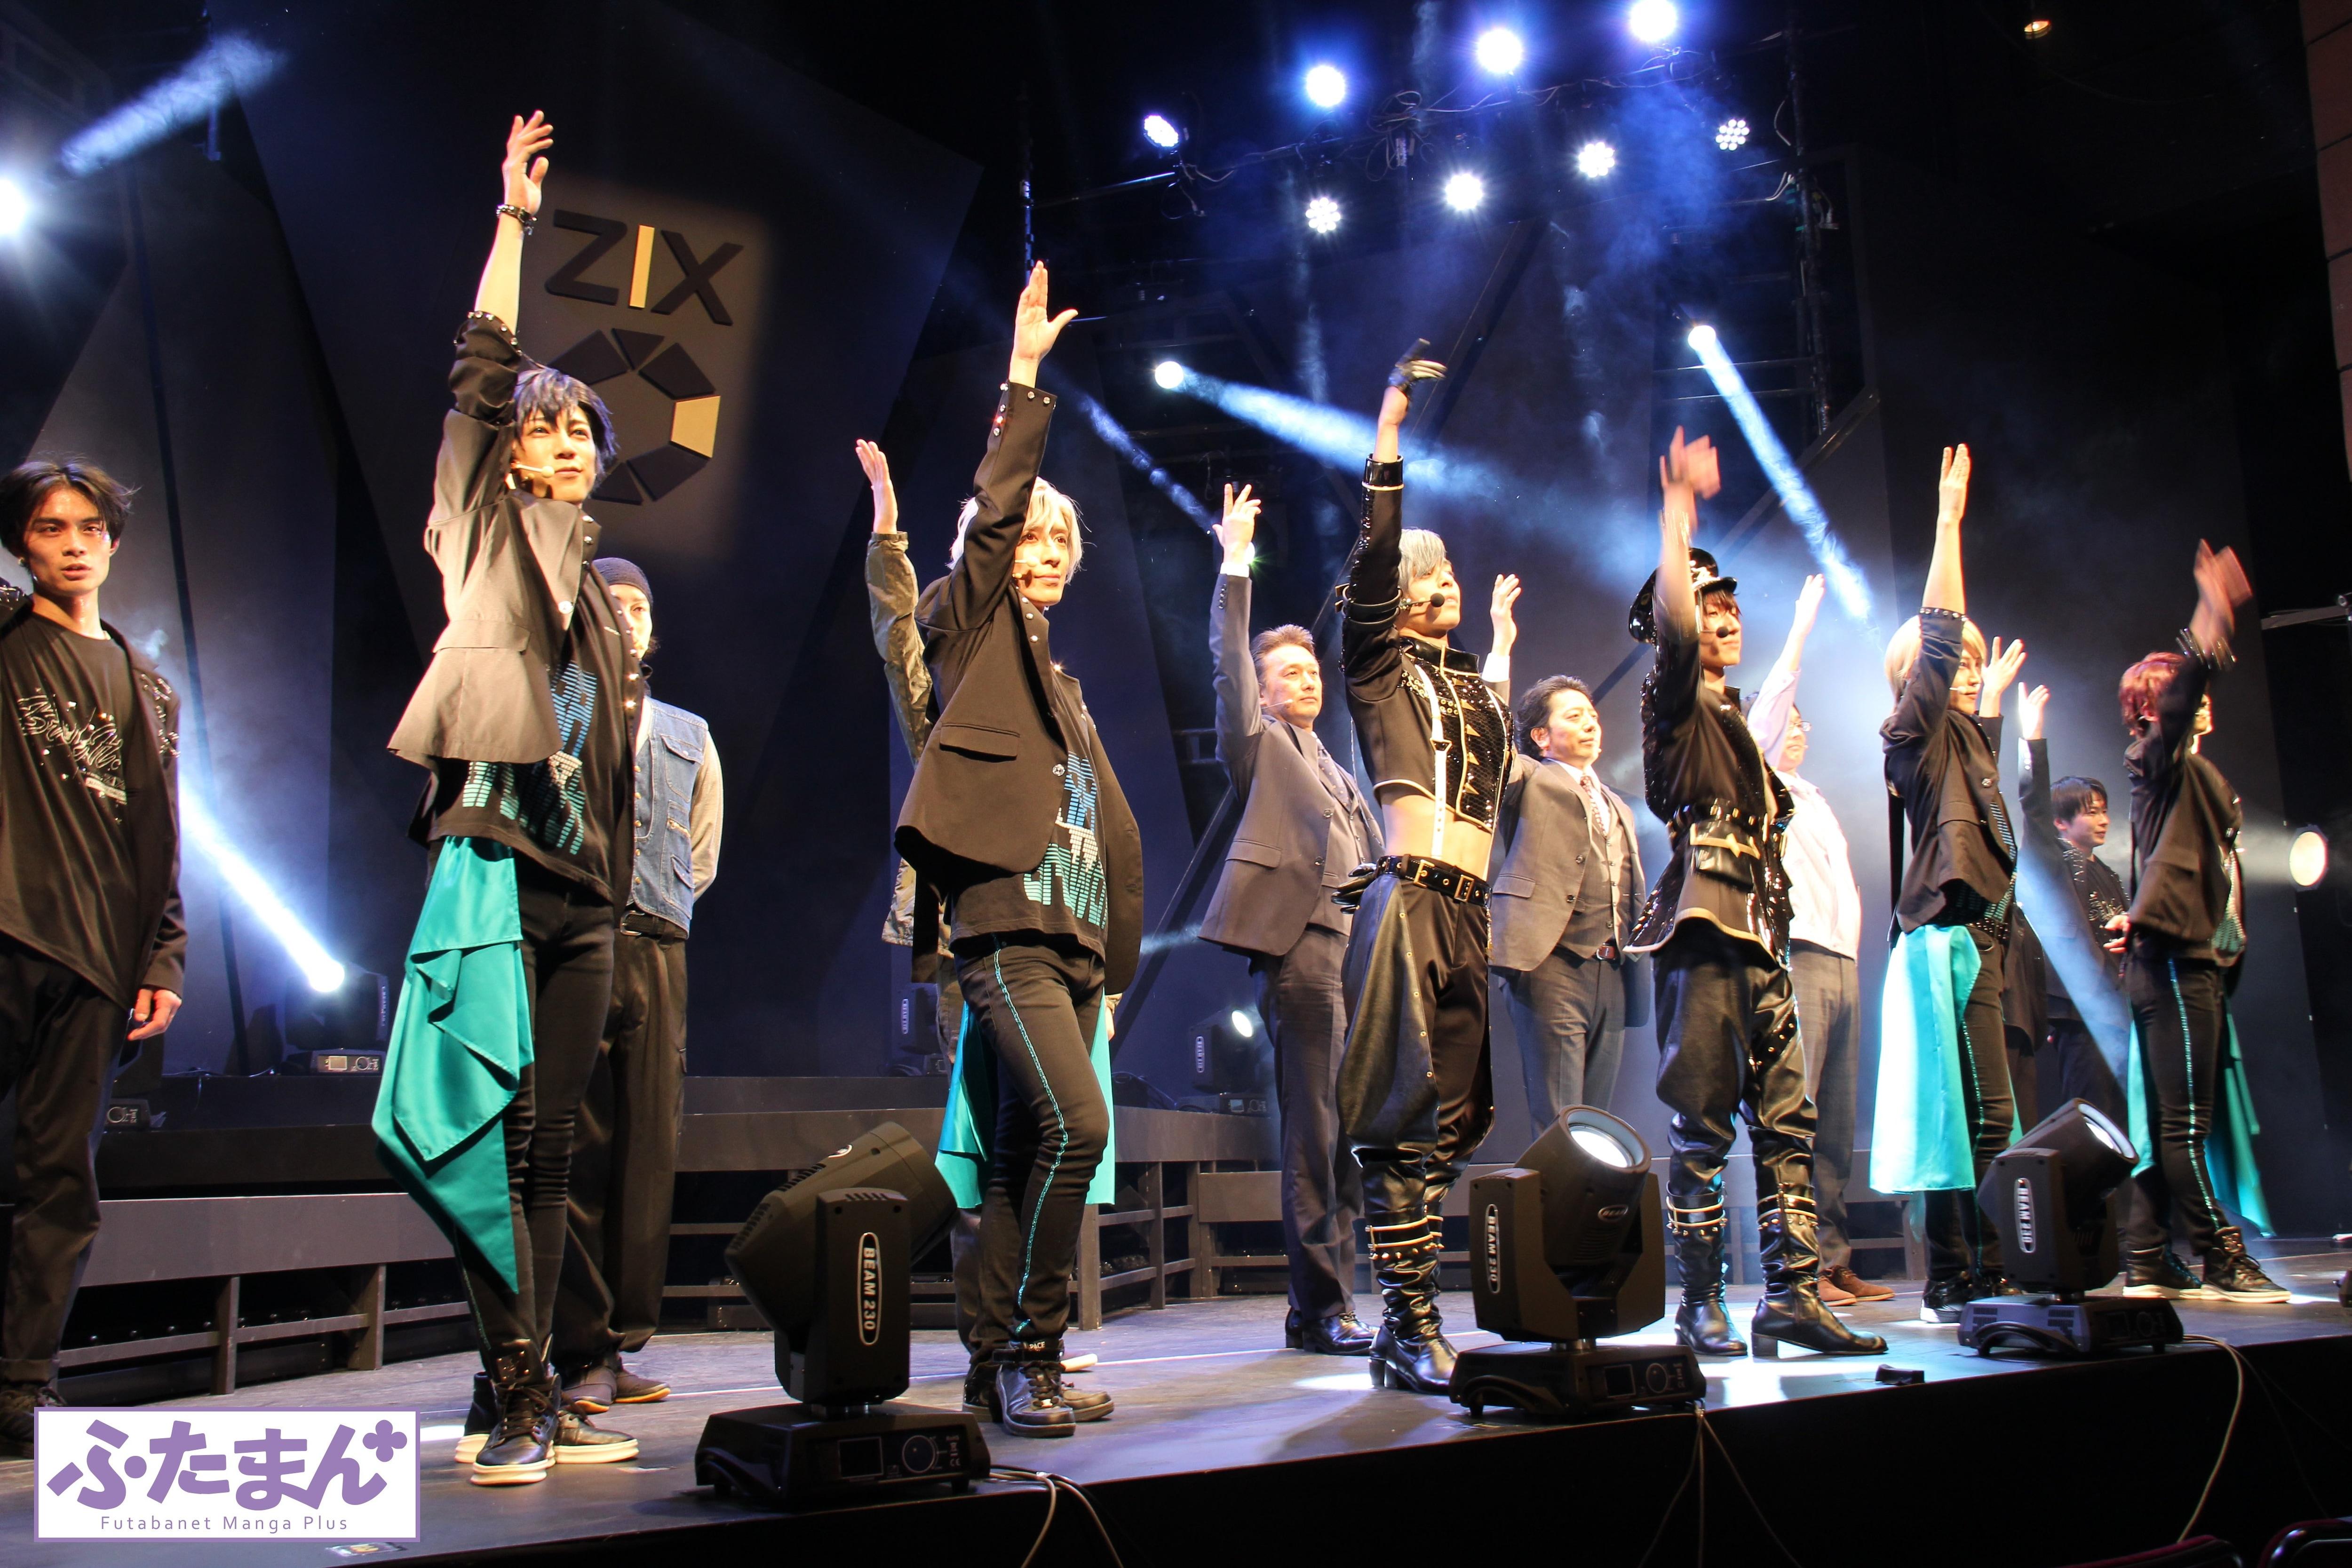 アウトローなZIXの魅力に酔いしれる2.5次元ダンスライブ「ALIVESTAGE」外伝 ZIX STAGE『Break It!』ゲネプロレポートの画像037